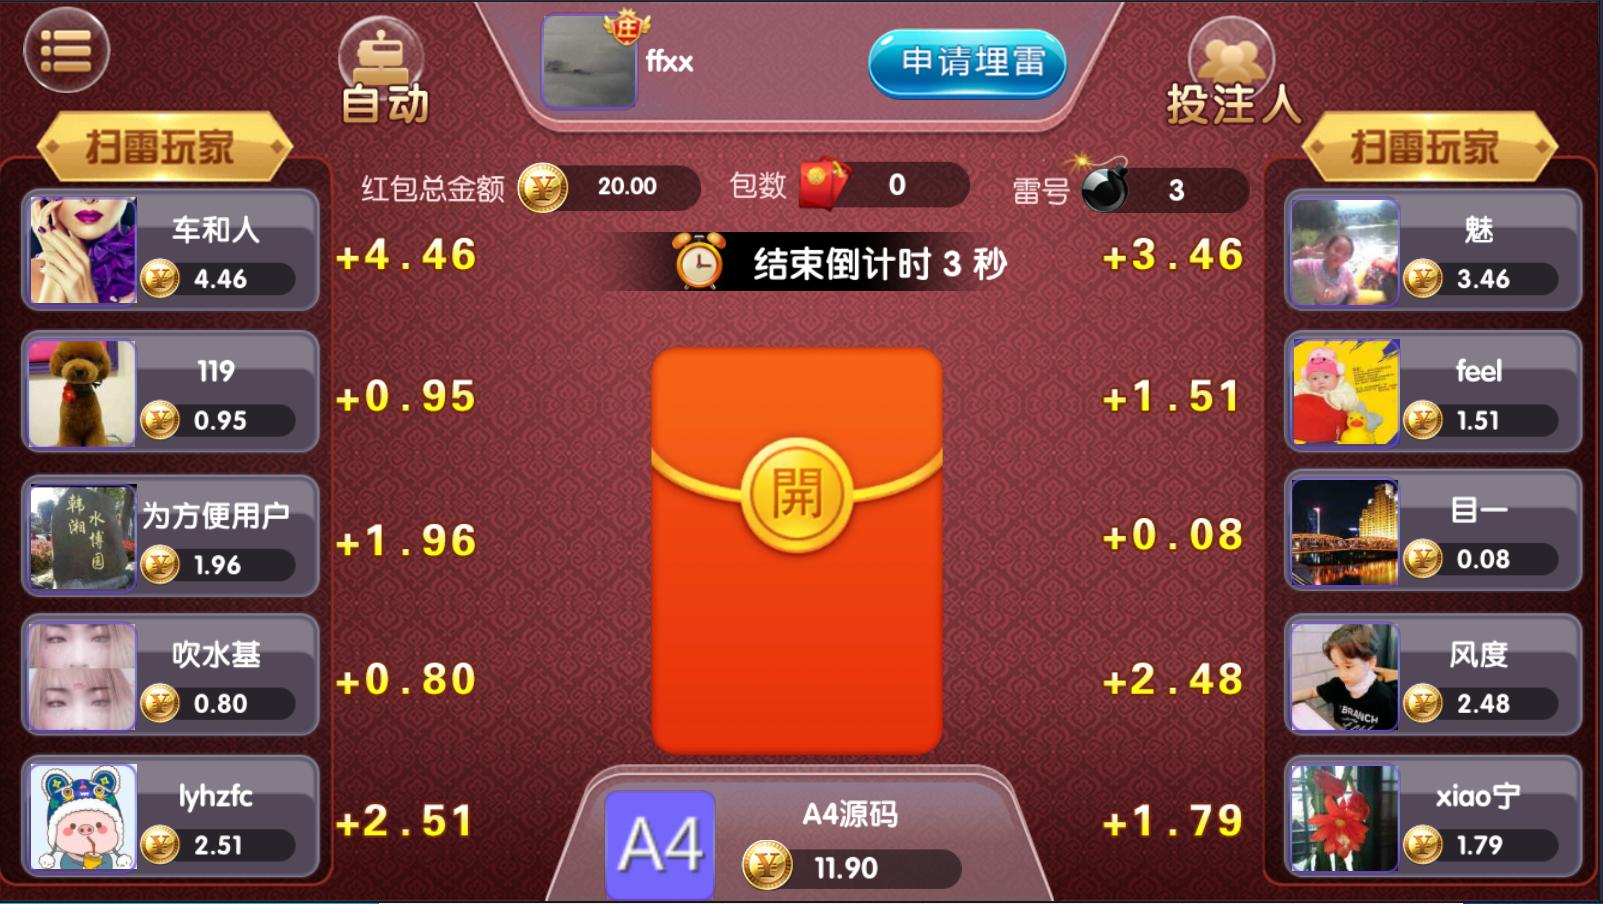 【服务器完整打包】最新更新豪胜娱乐二开ui版棋牌组件+完整数据 双端需解密-第14张